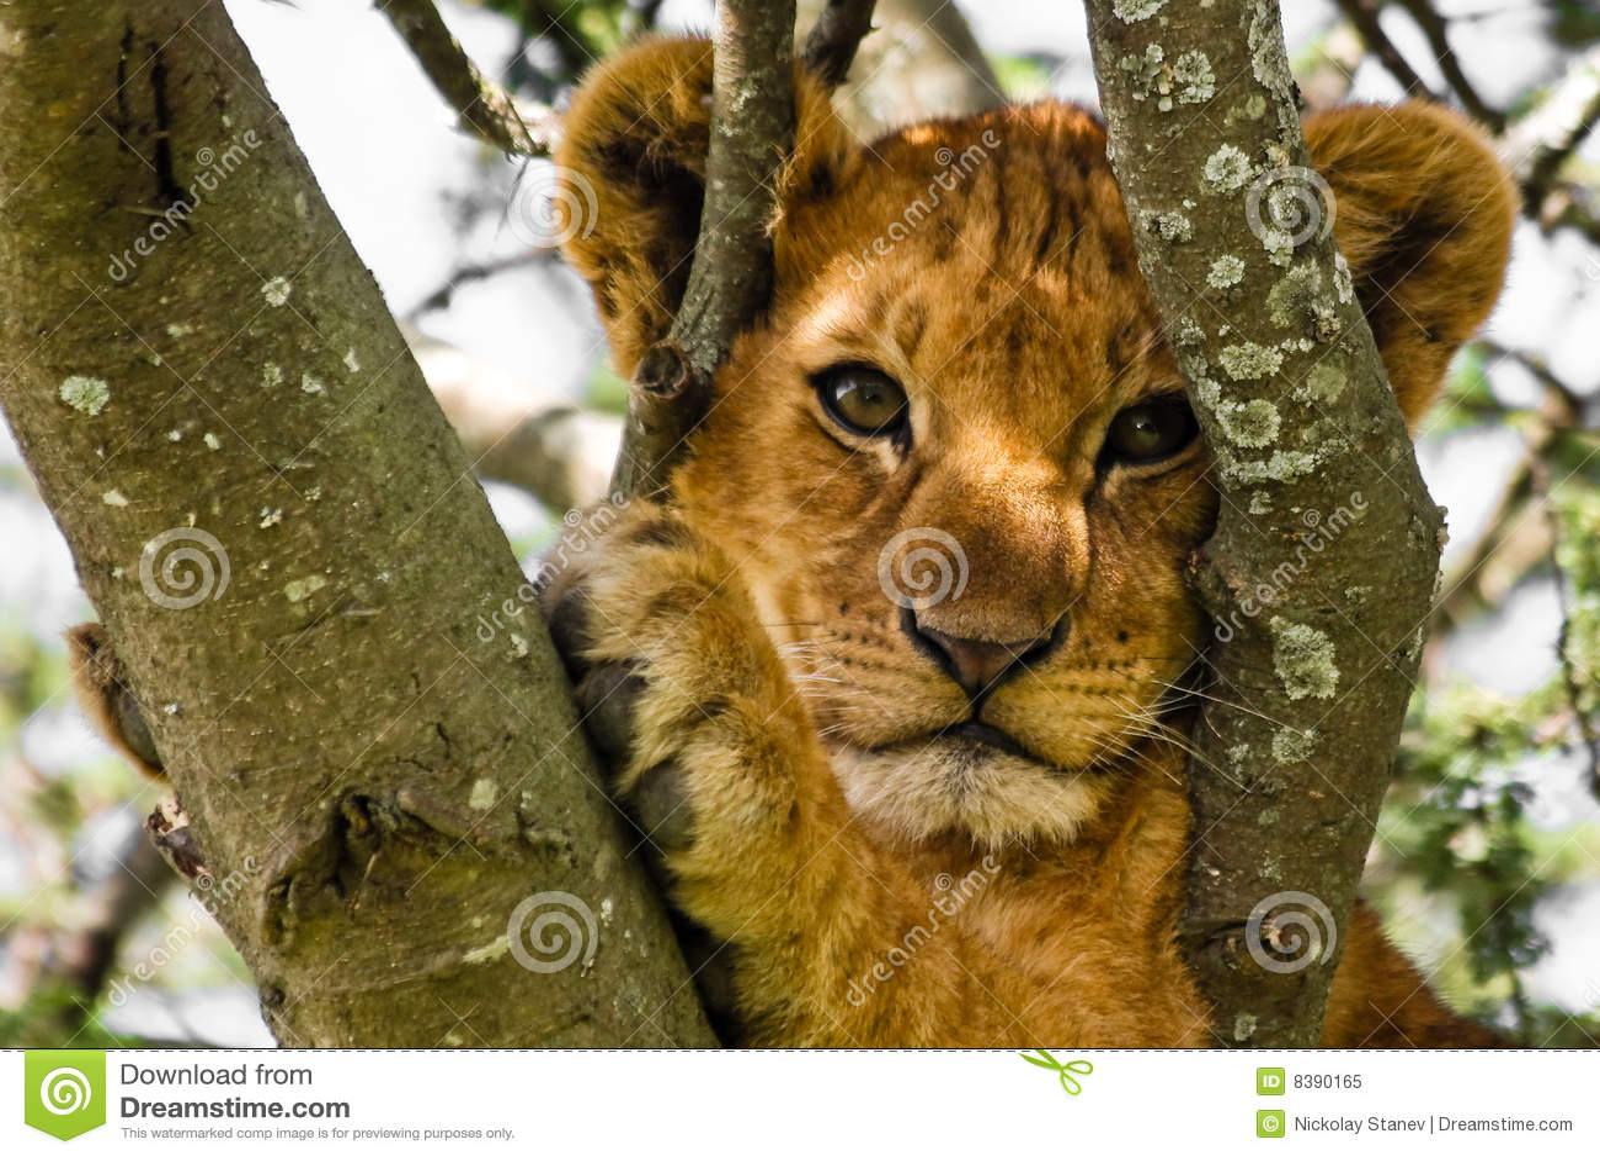 Cute Lion Cub Portrait